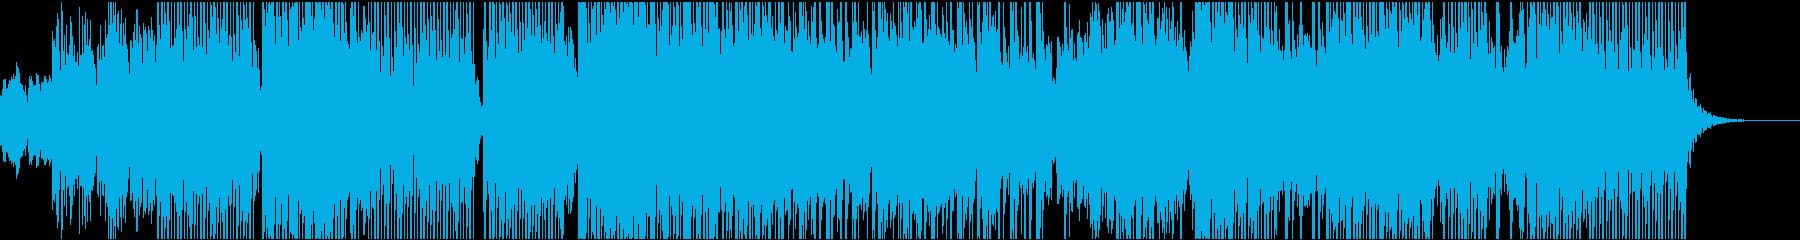 電子オルガンダンスミュージックの再生済みの波形